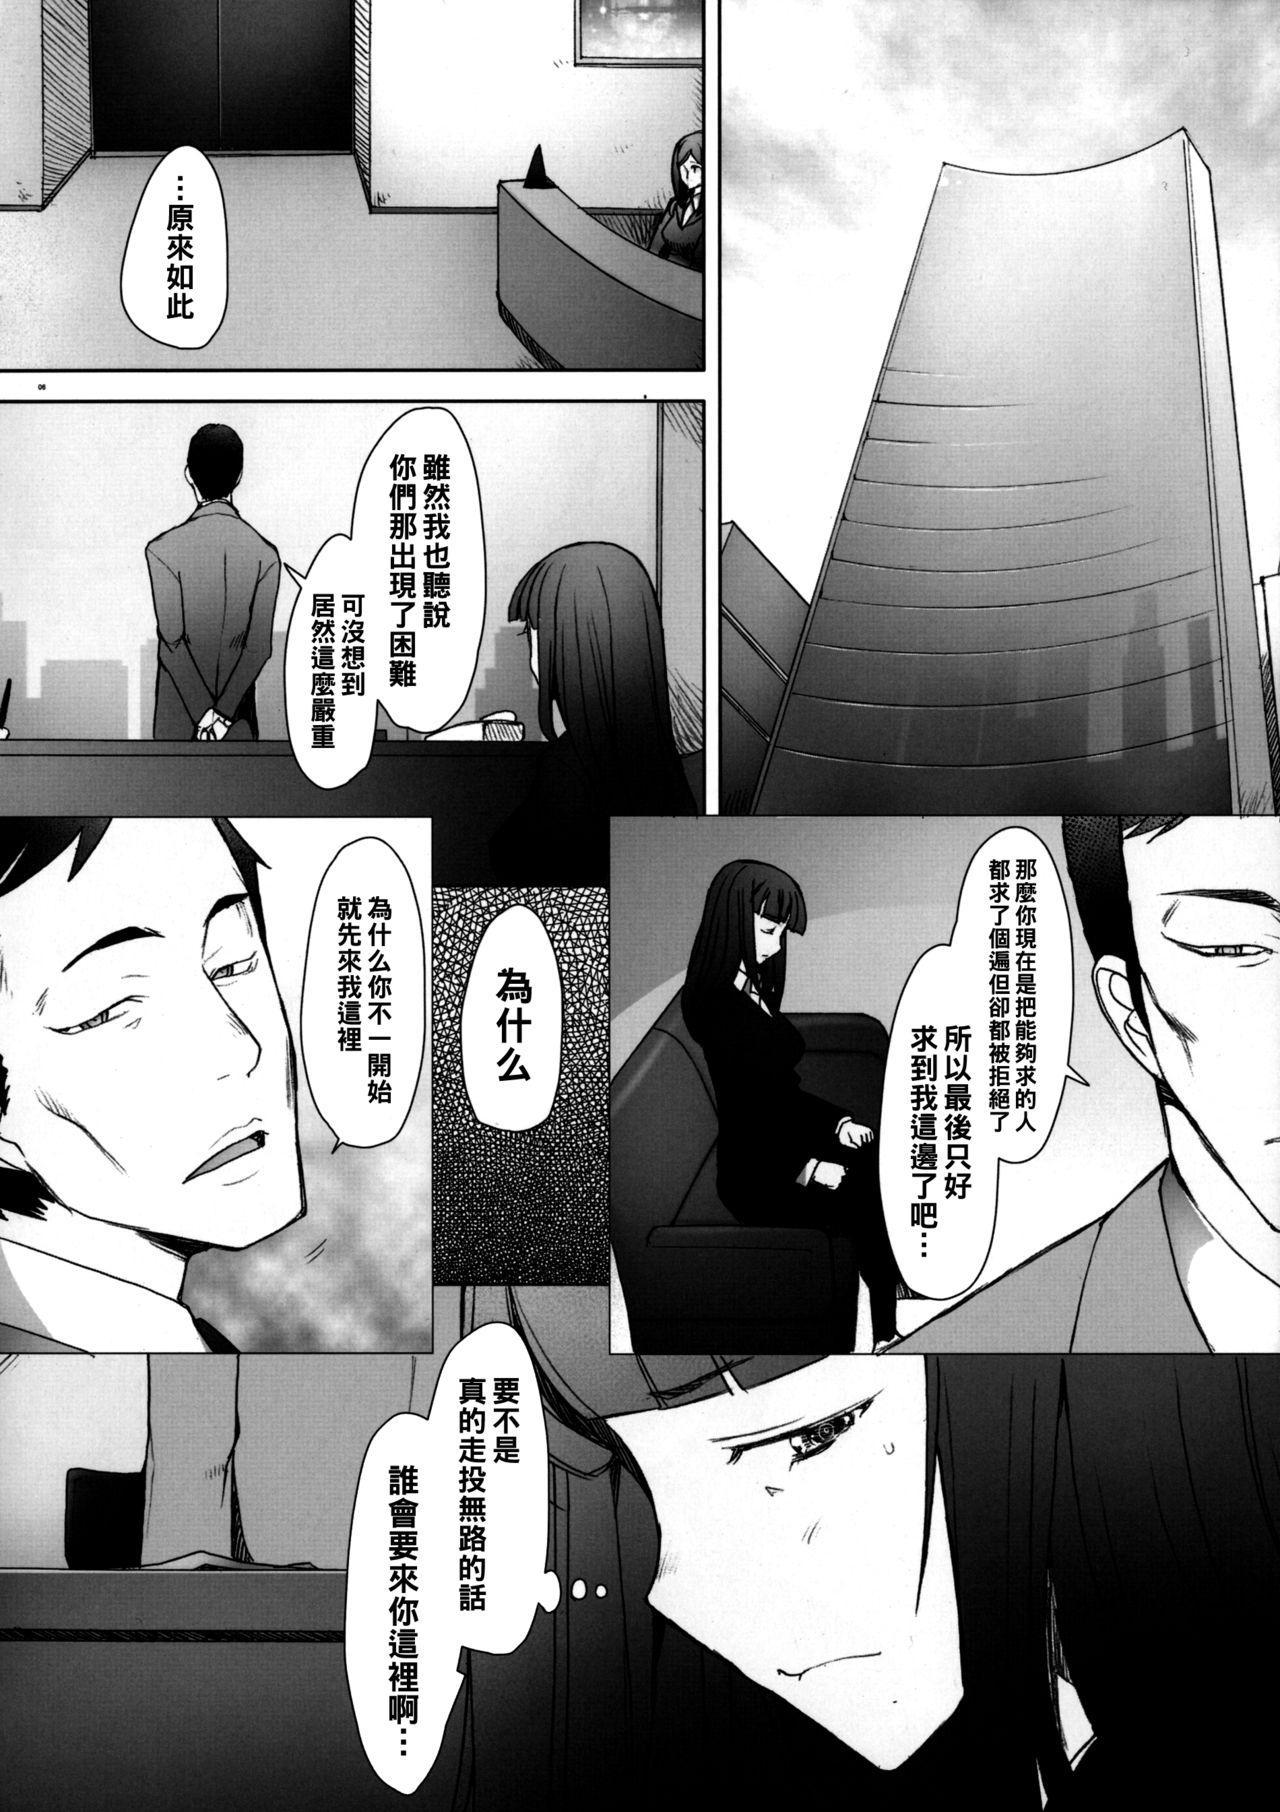 (C90) [Kohakutei (Sakai Hamachi)] Shikin-guri ni Komatta Joukyou ni Tsukekonde Nama Sounyuu & Nakadashi o Kimetemimashita Nishizumi-ryuu Iemoto no Baai (Girls und Panzer) [Chinese] 4